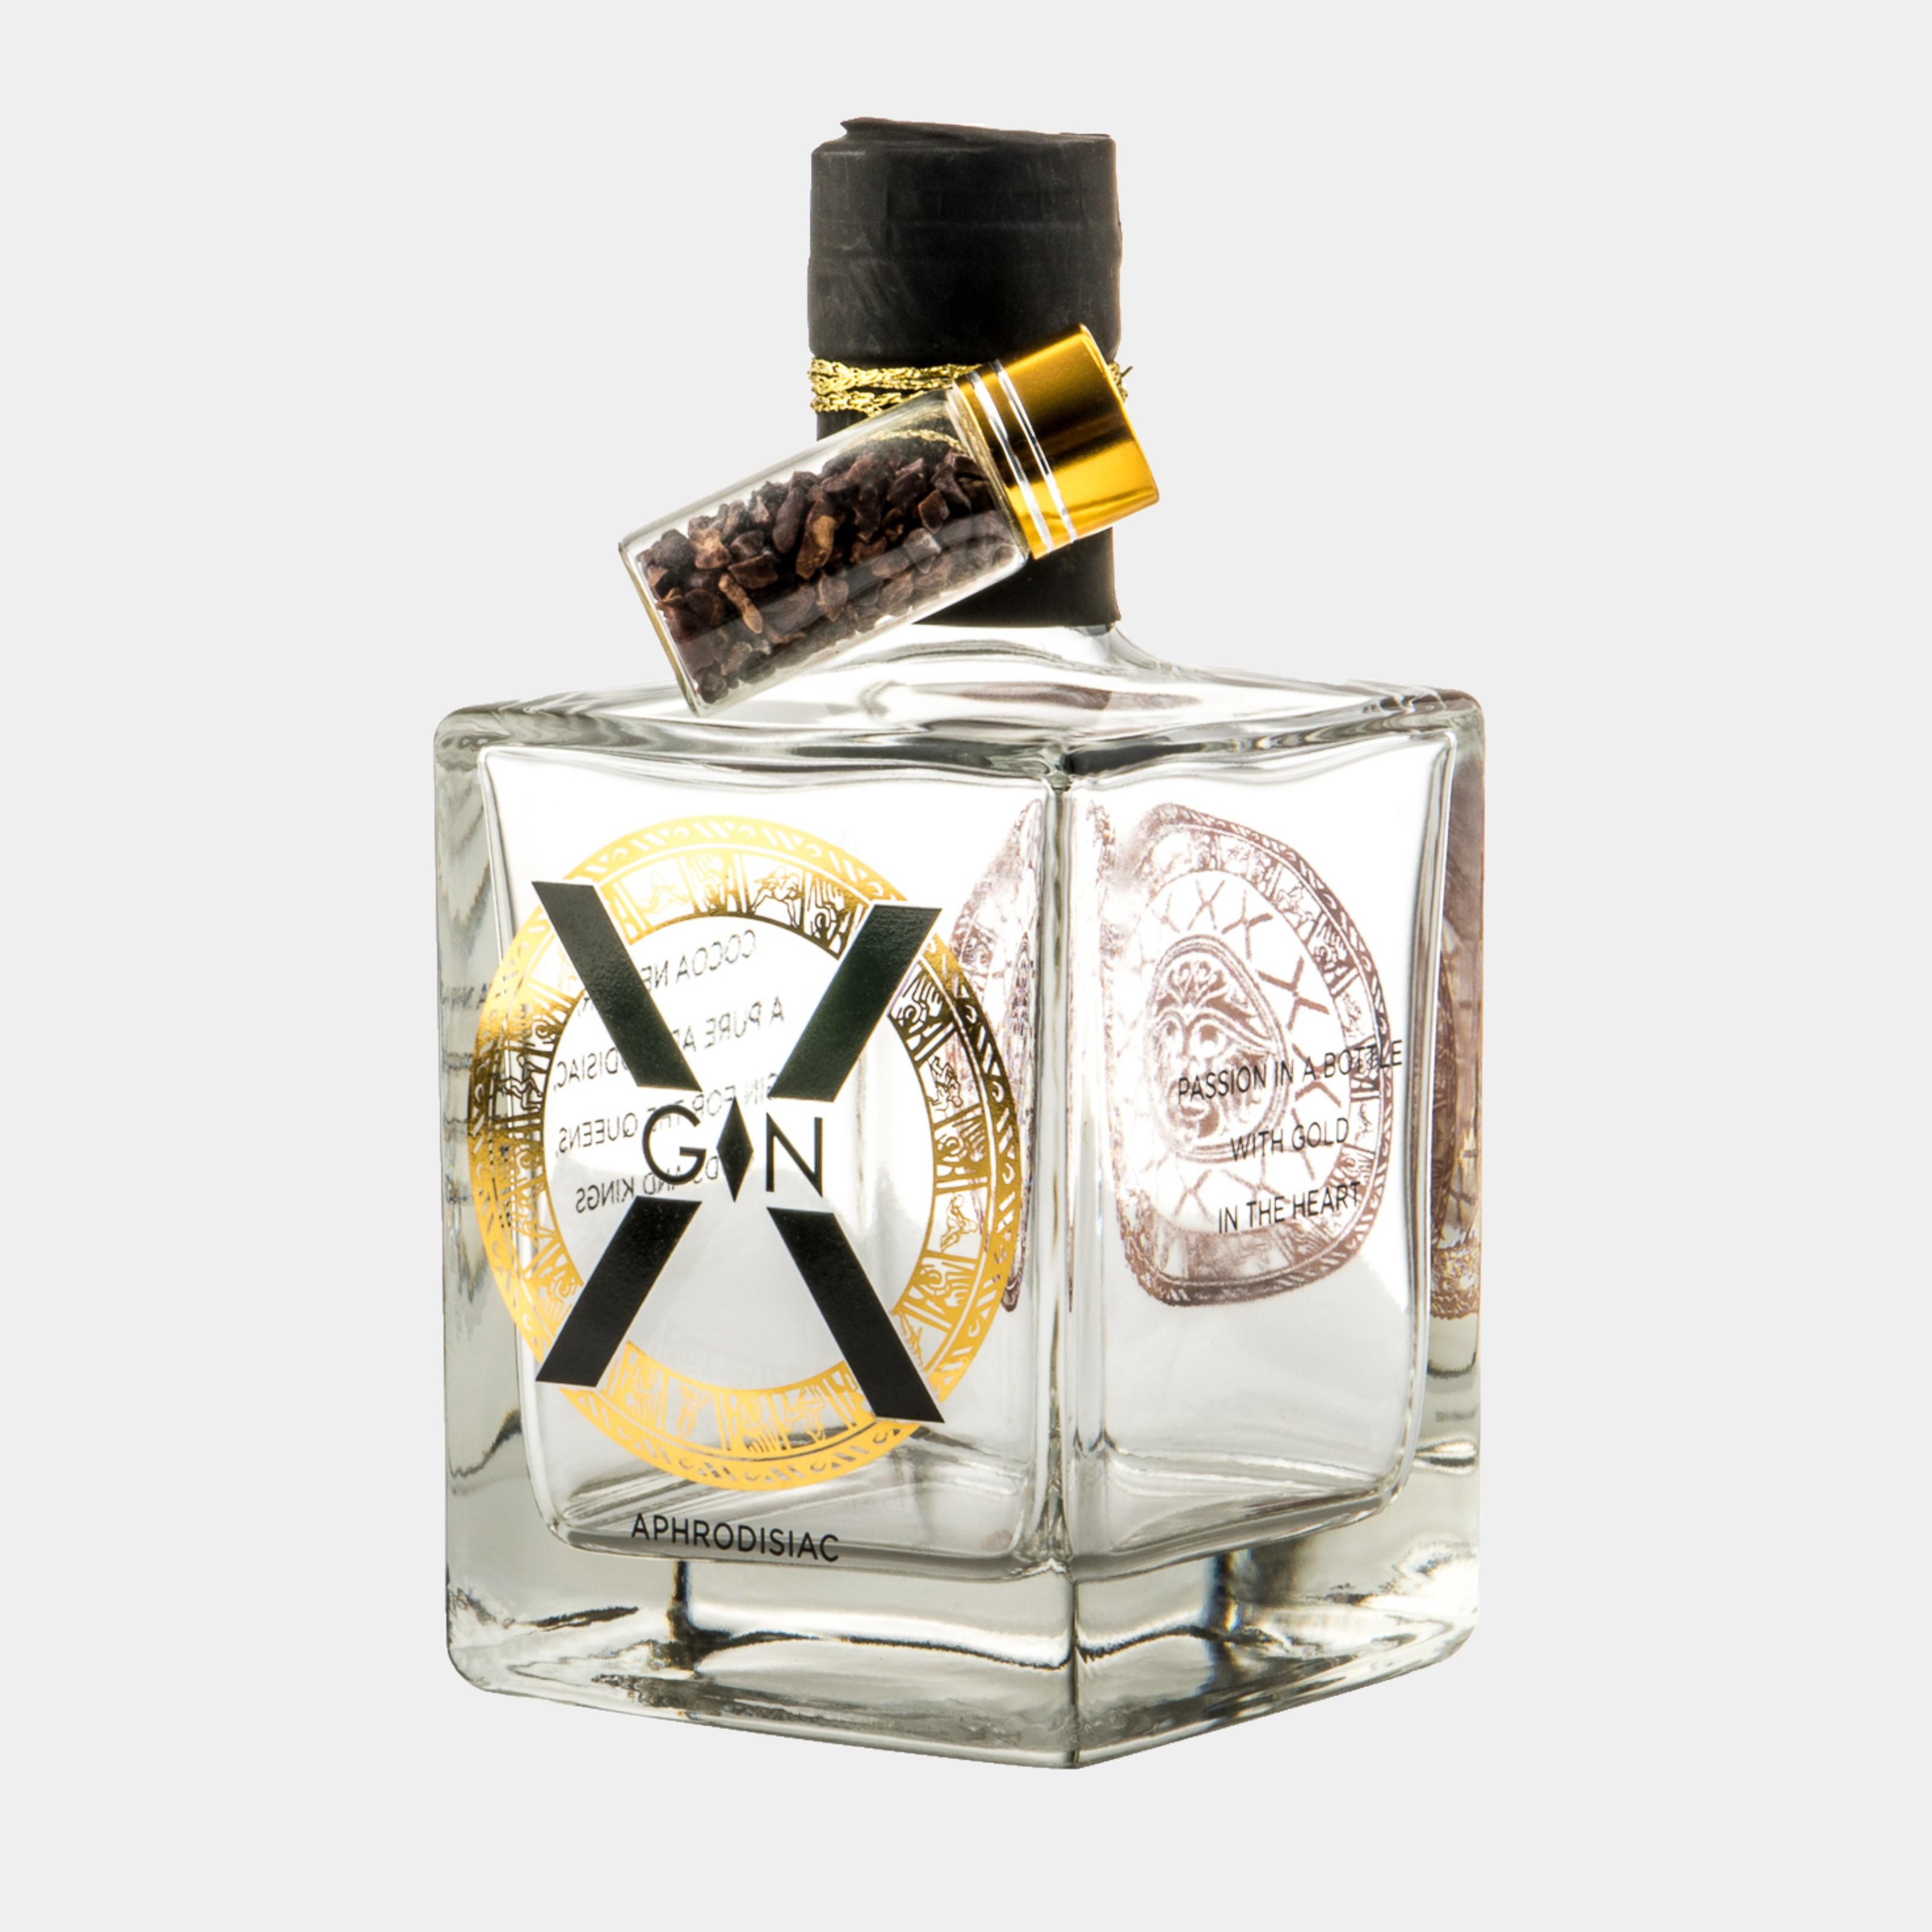 X-Gin - Pure Aphrodisiac 0.5L 44% Alk.